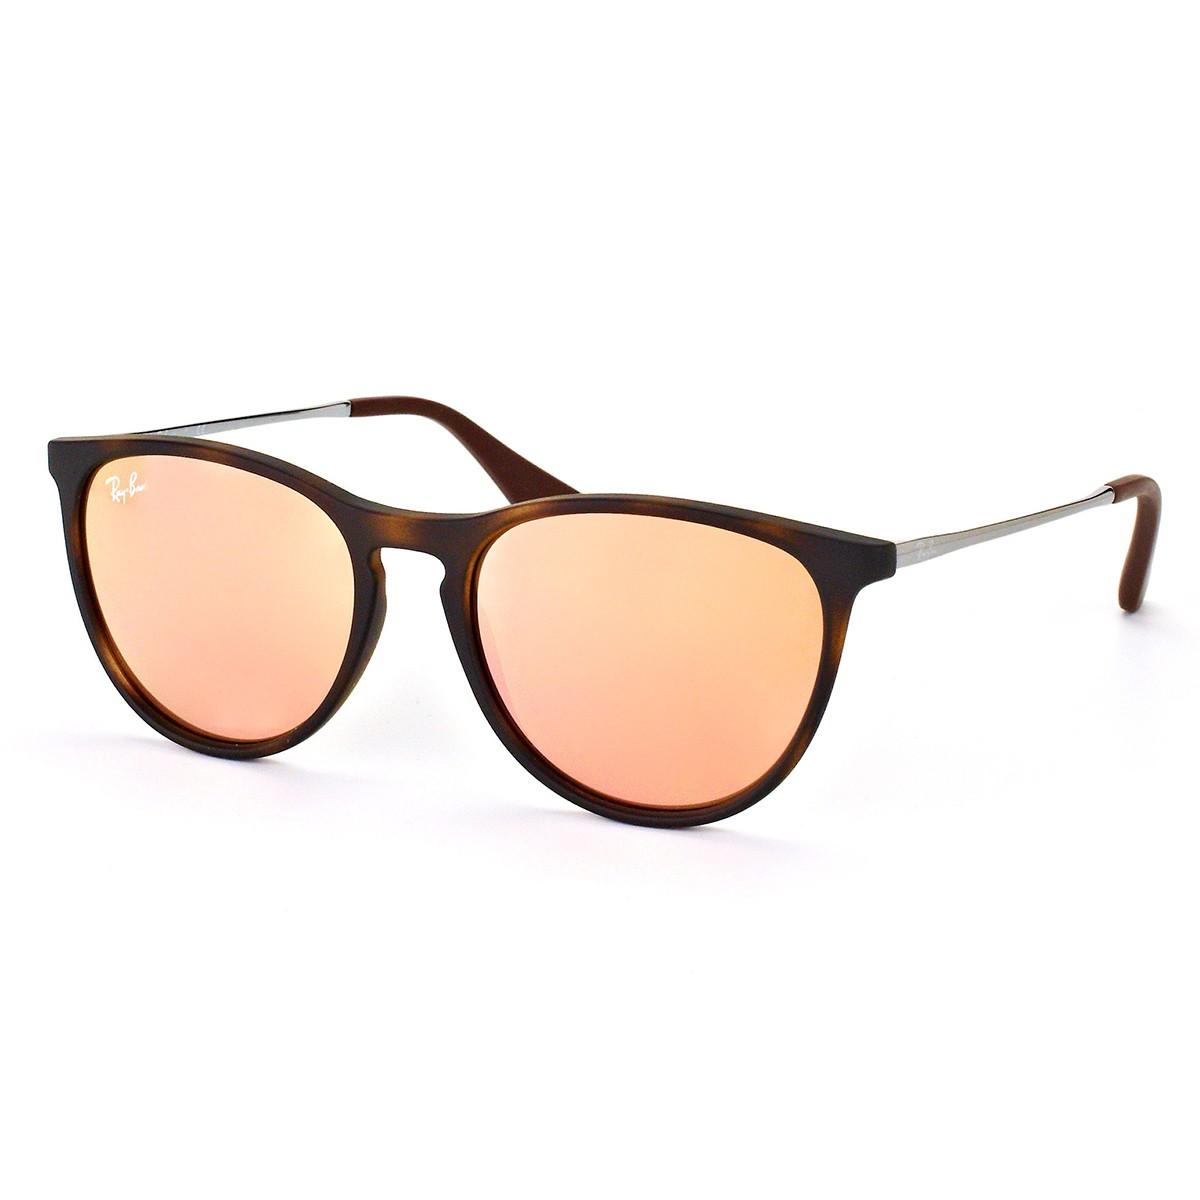 e23514cf3ddf2 Óculos de Sol Infantil Ray Ban Erika